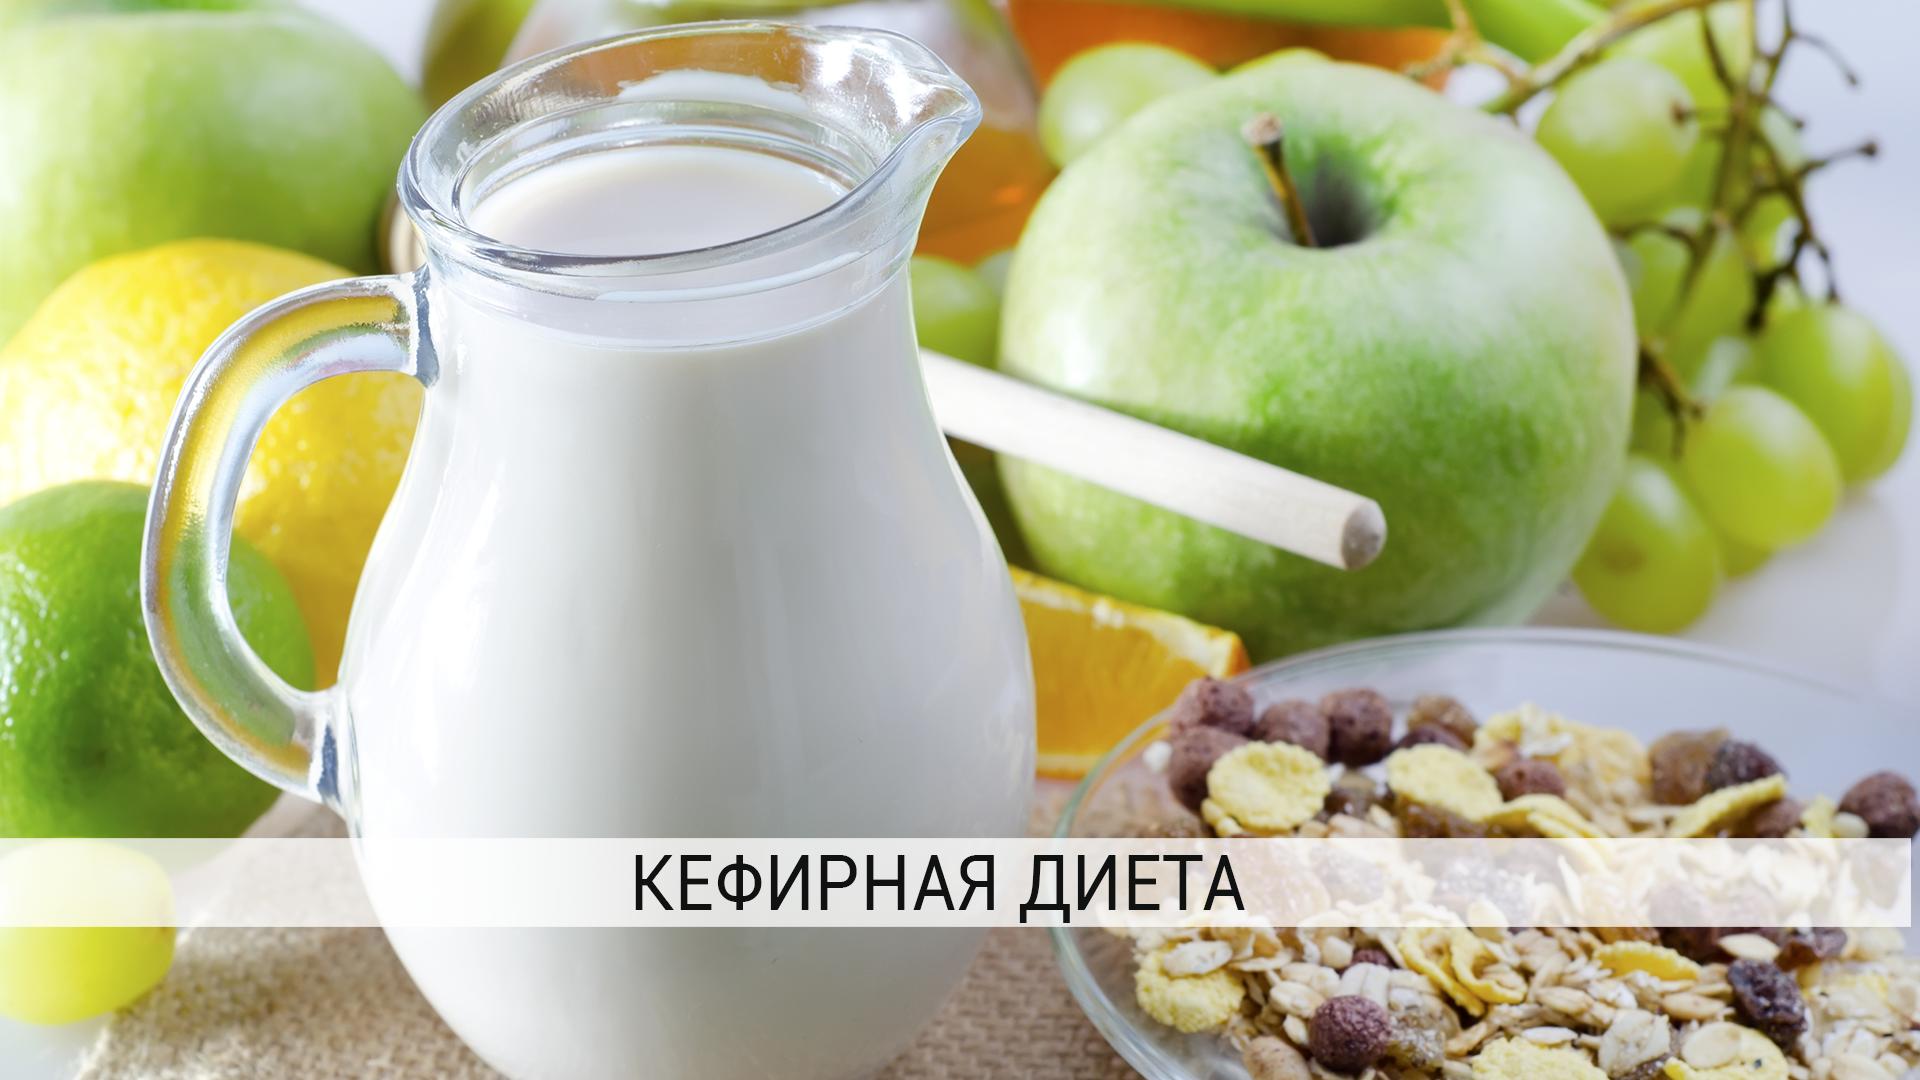 kefirnaya-dieta-2